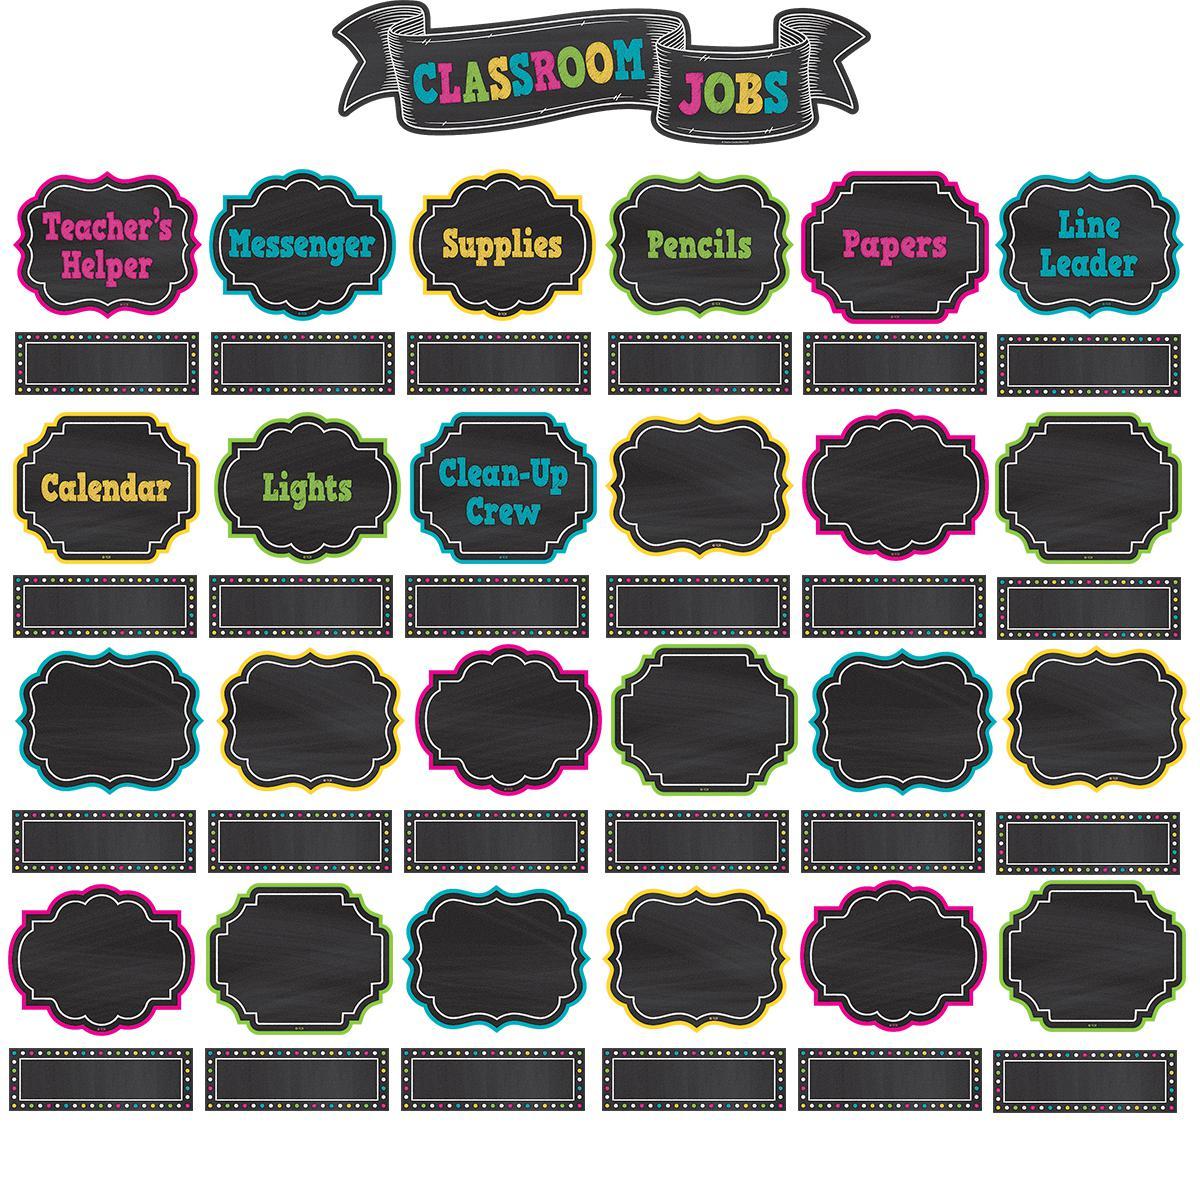 Chalkboard Brights Classroom Jobs Mini Bulletin Board Set